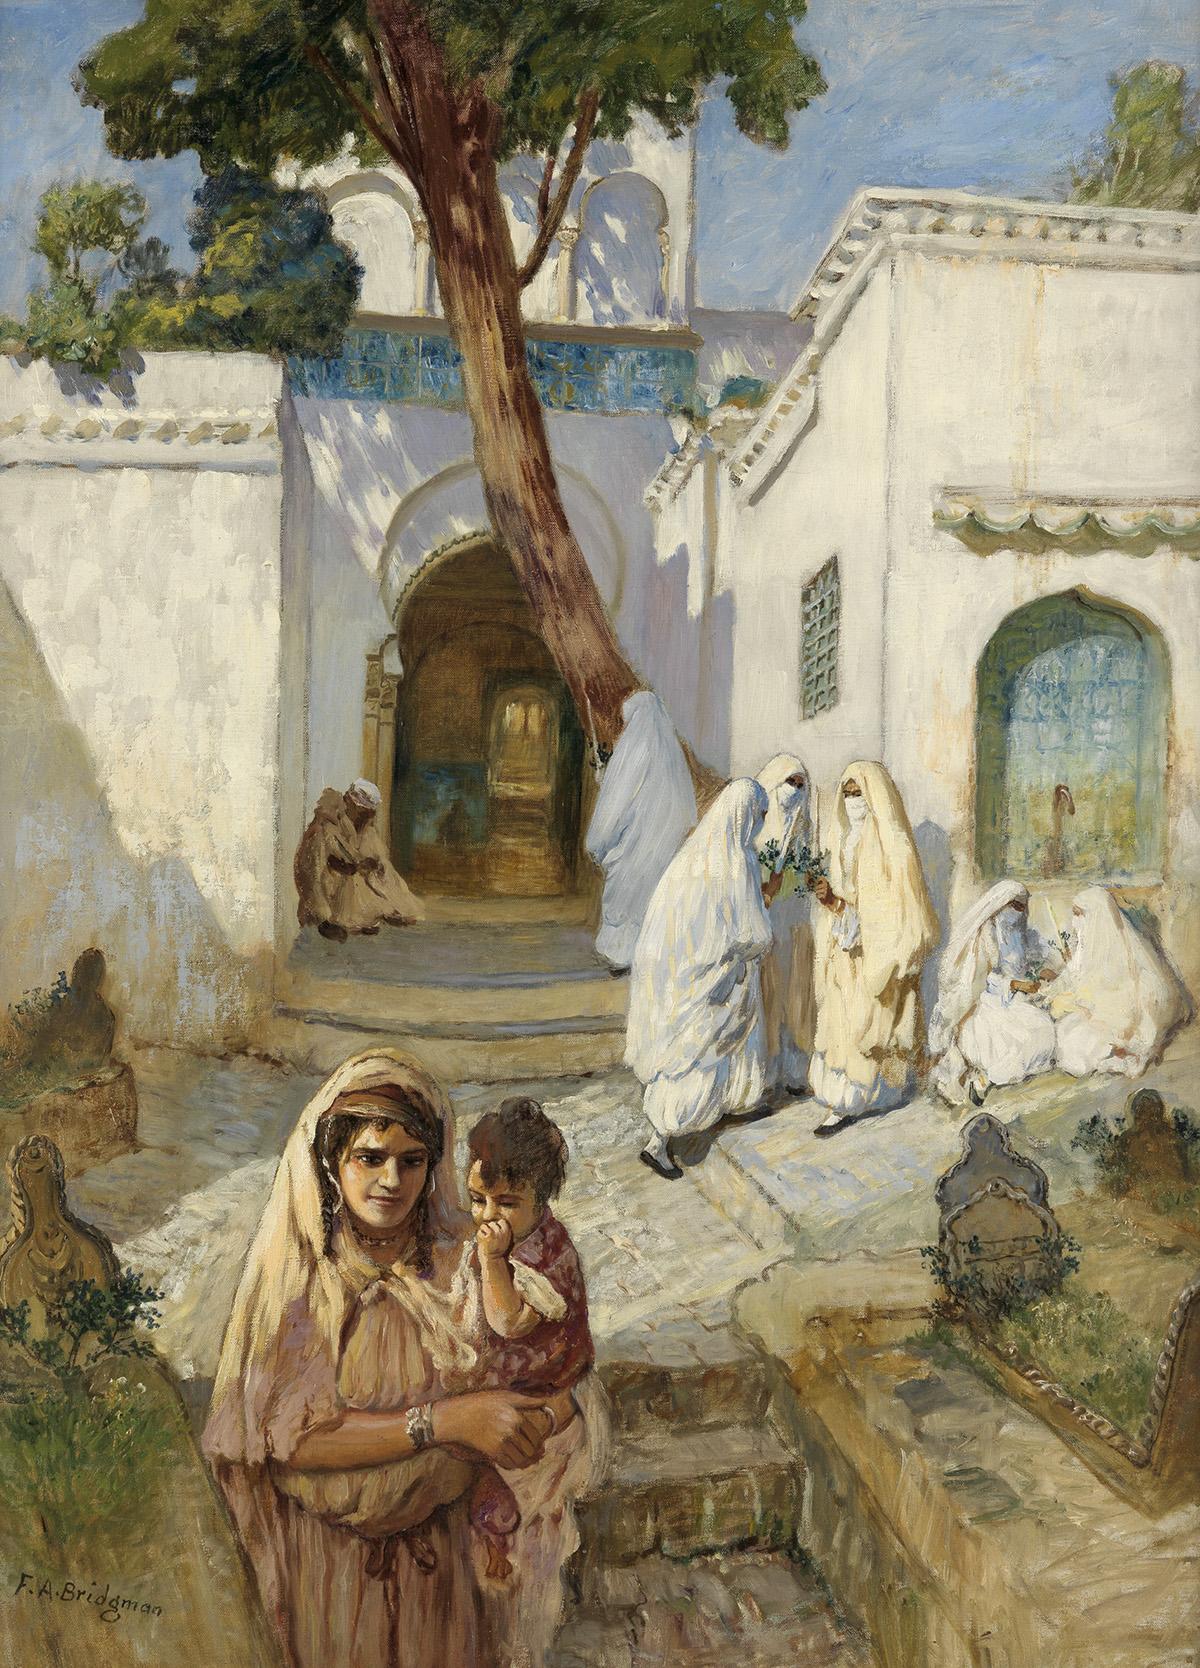 FREDERICK-ARTHUR-BRIDGMAN-Women-Near-the-Sidi-Abderrahman